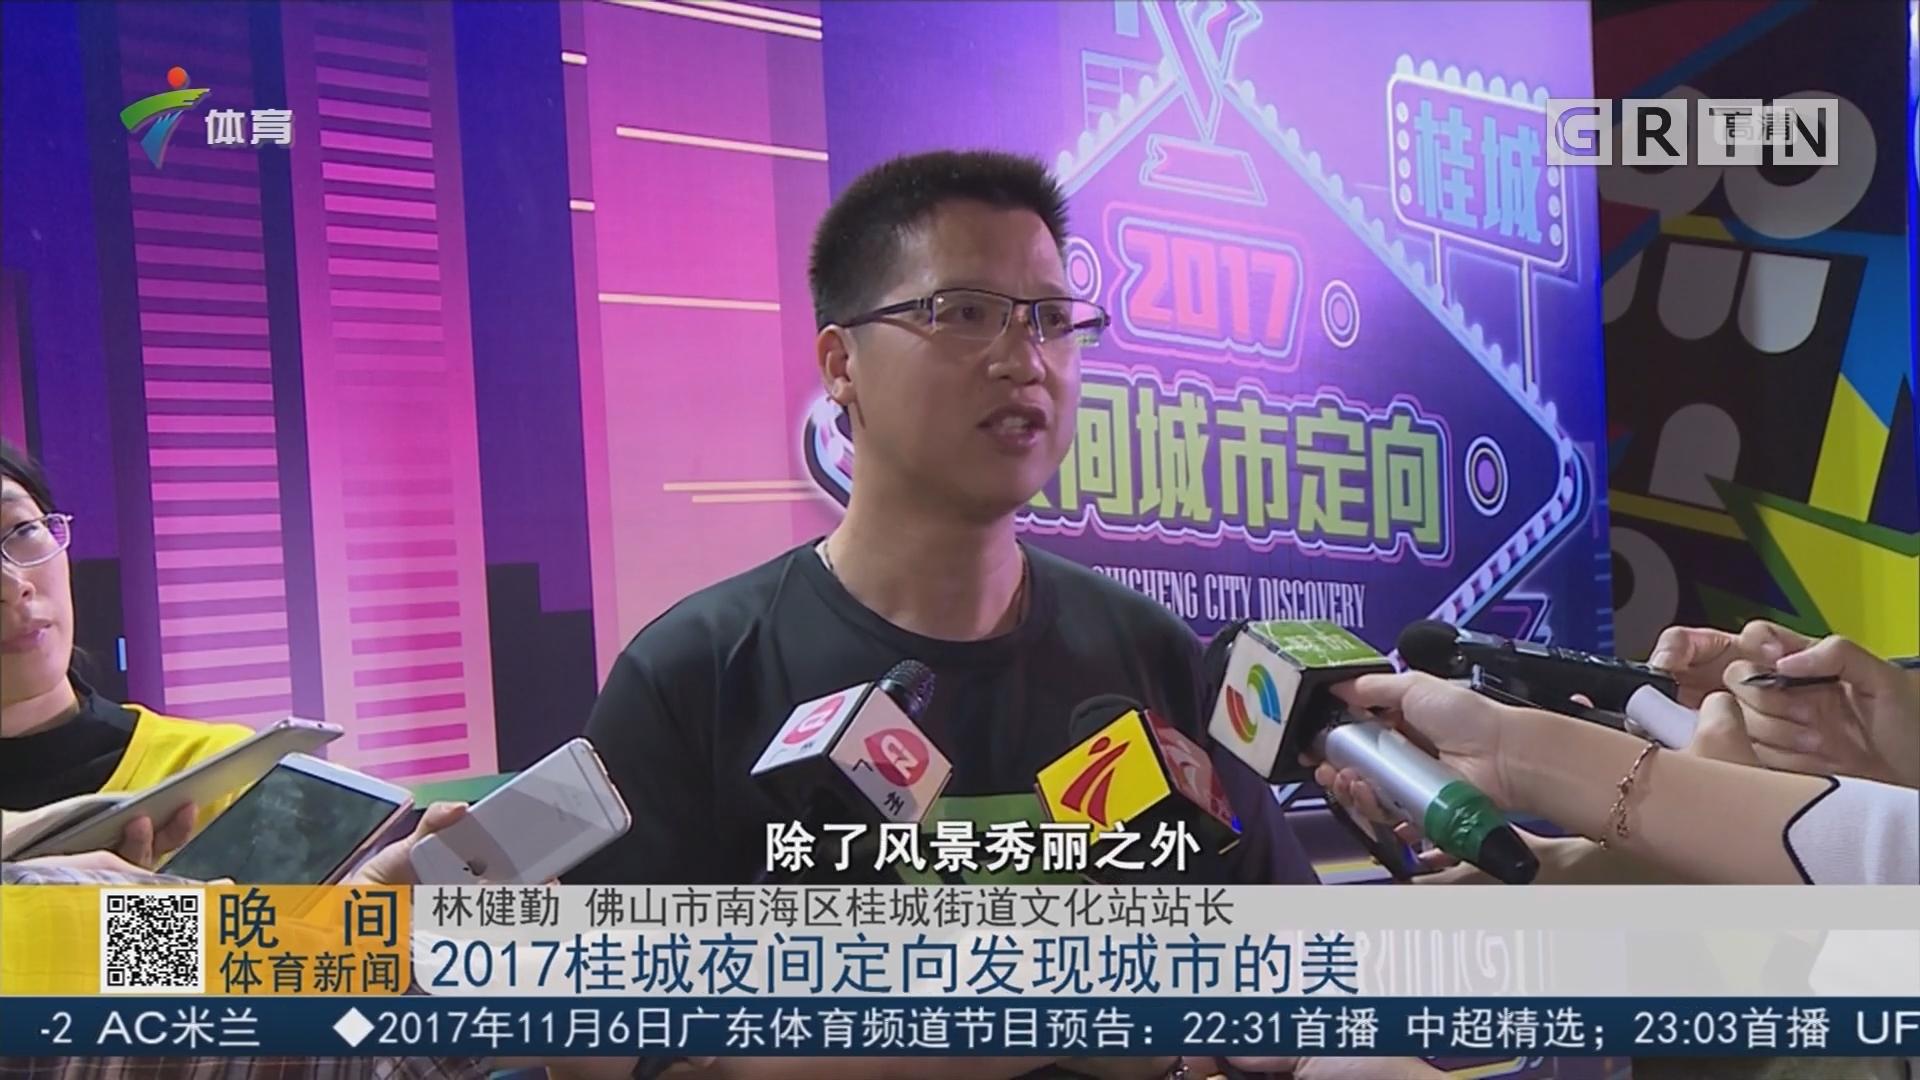 2017桂城夜间定向发现城市的美